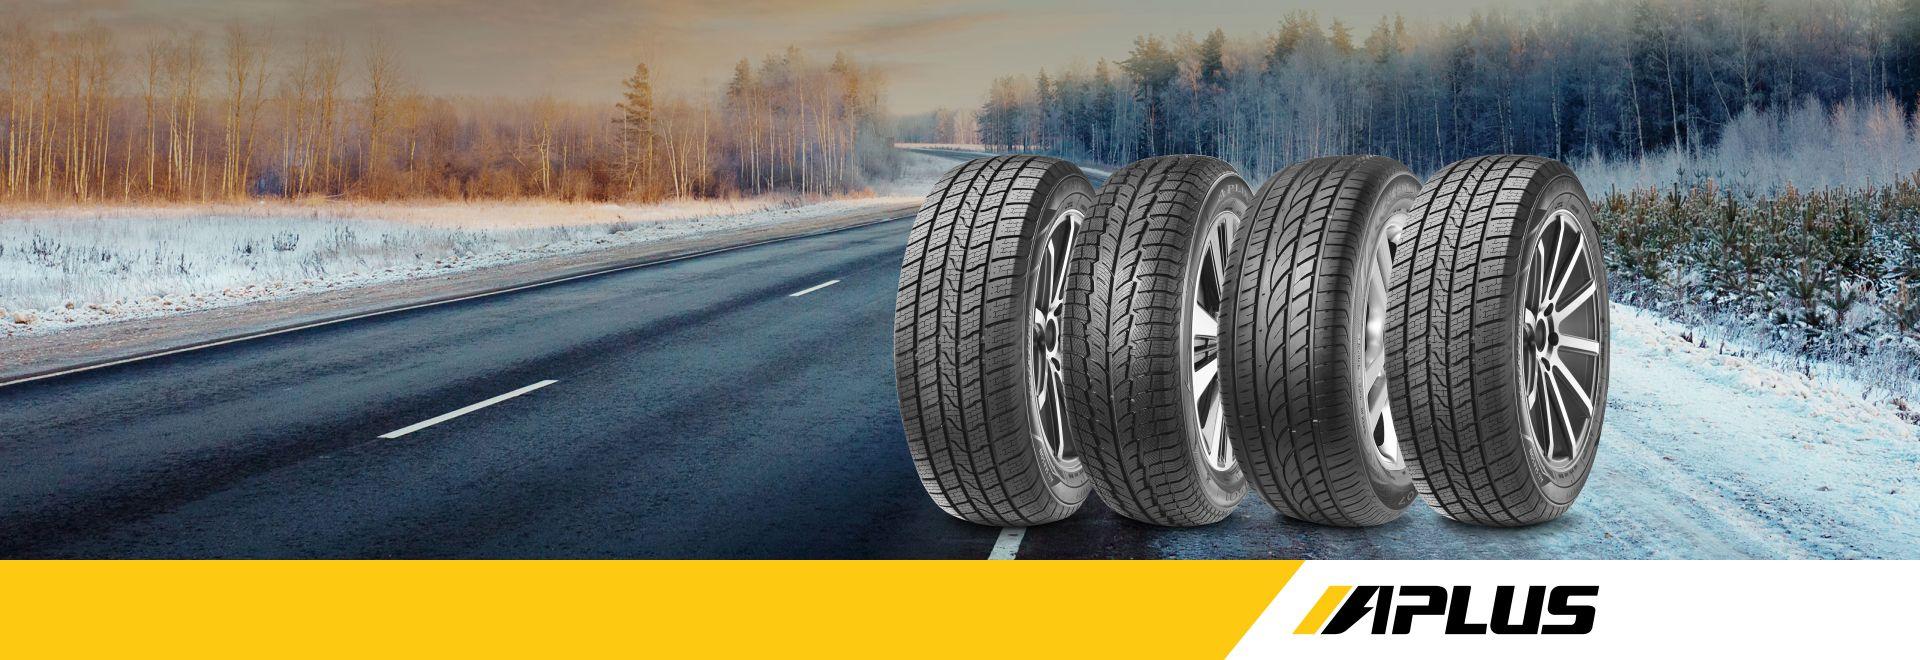 APLUS Reifengroßhandel